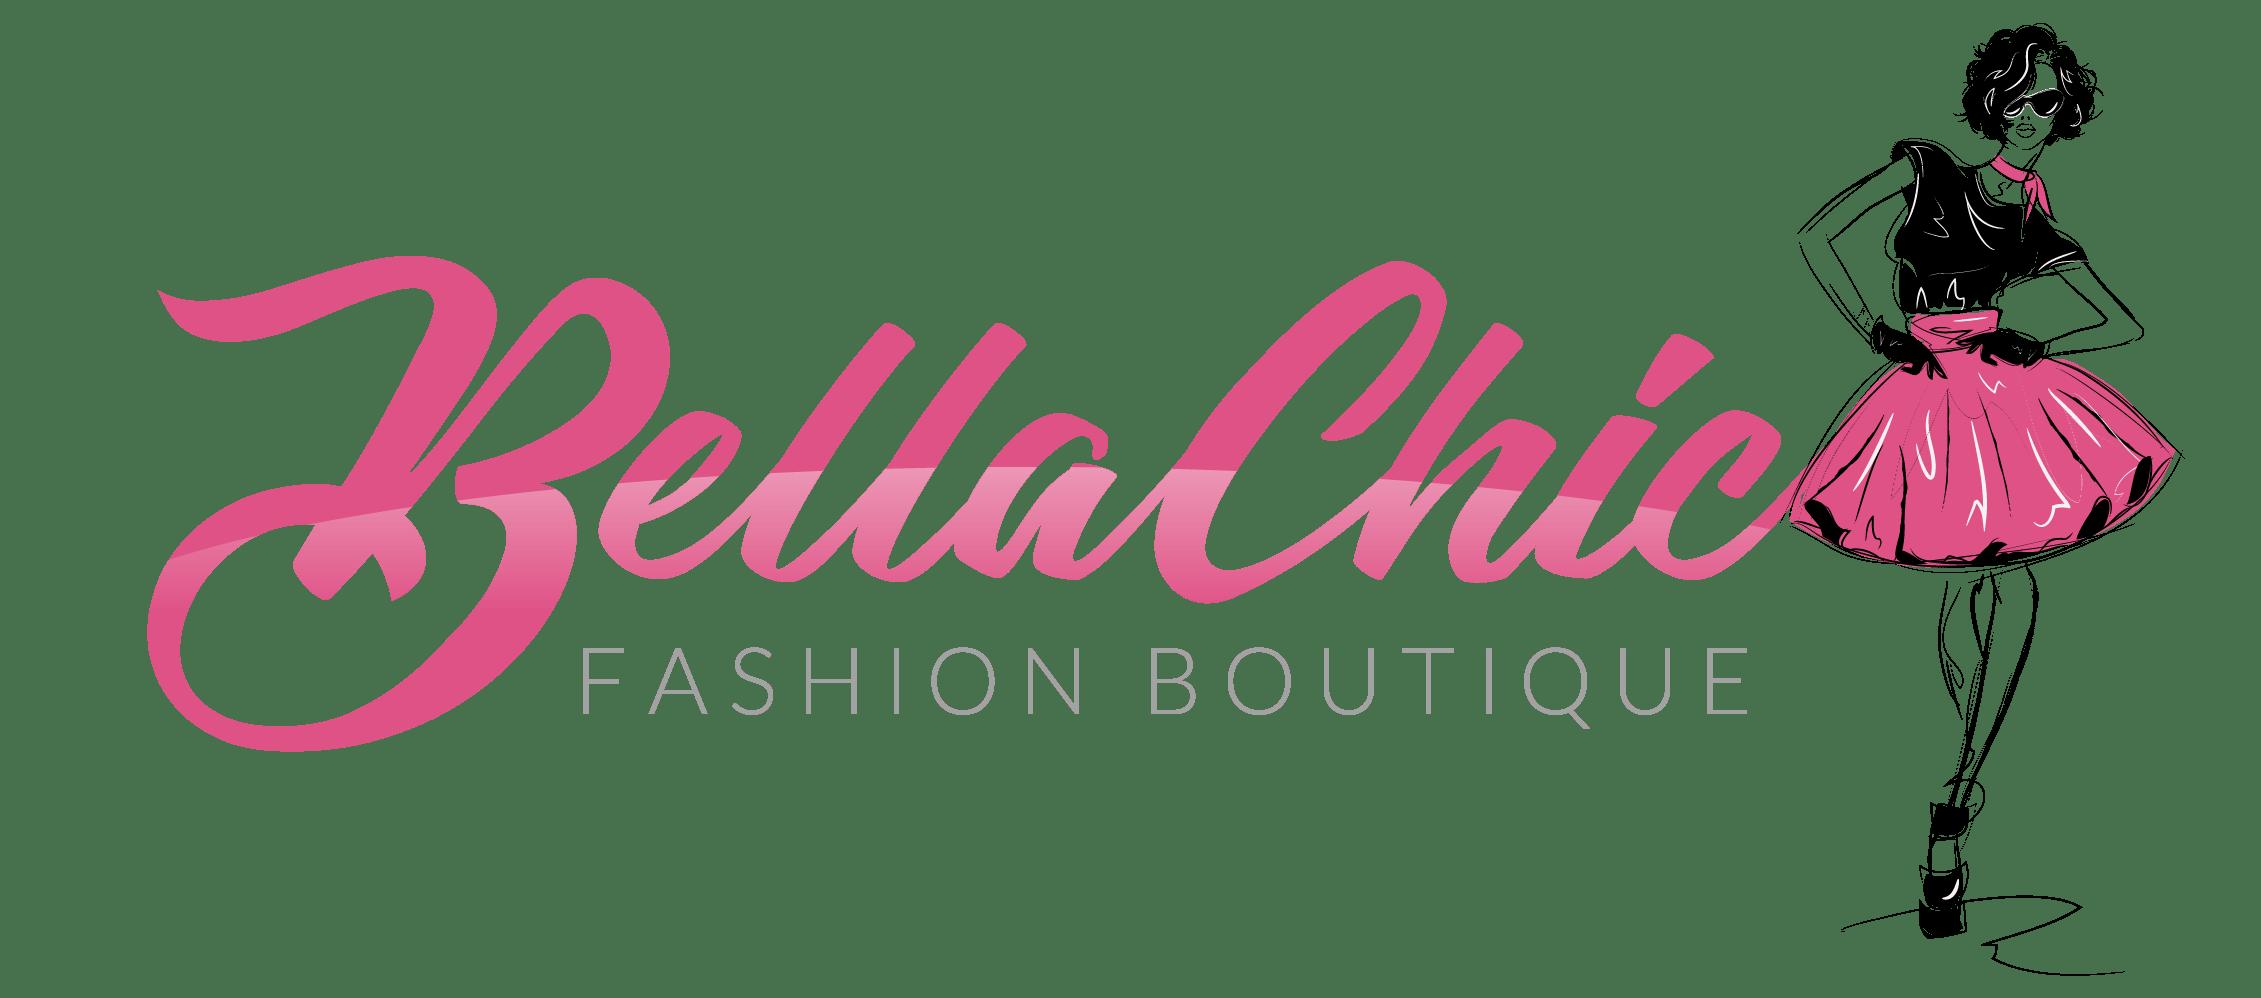 Bella Chic Fashion Boutique